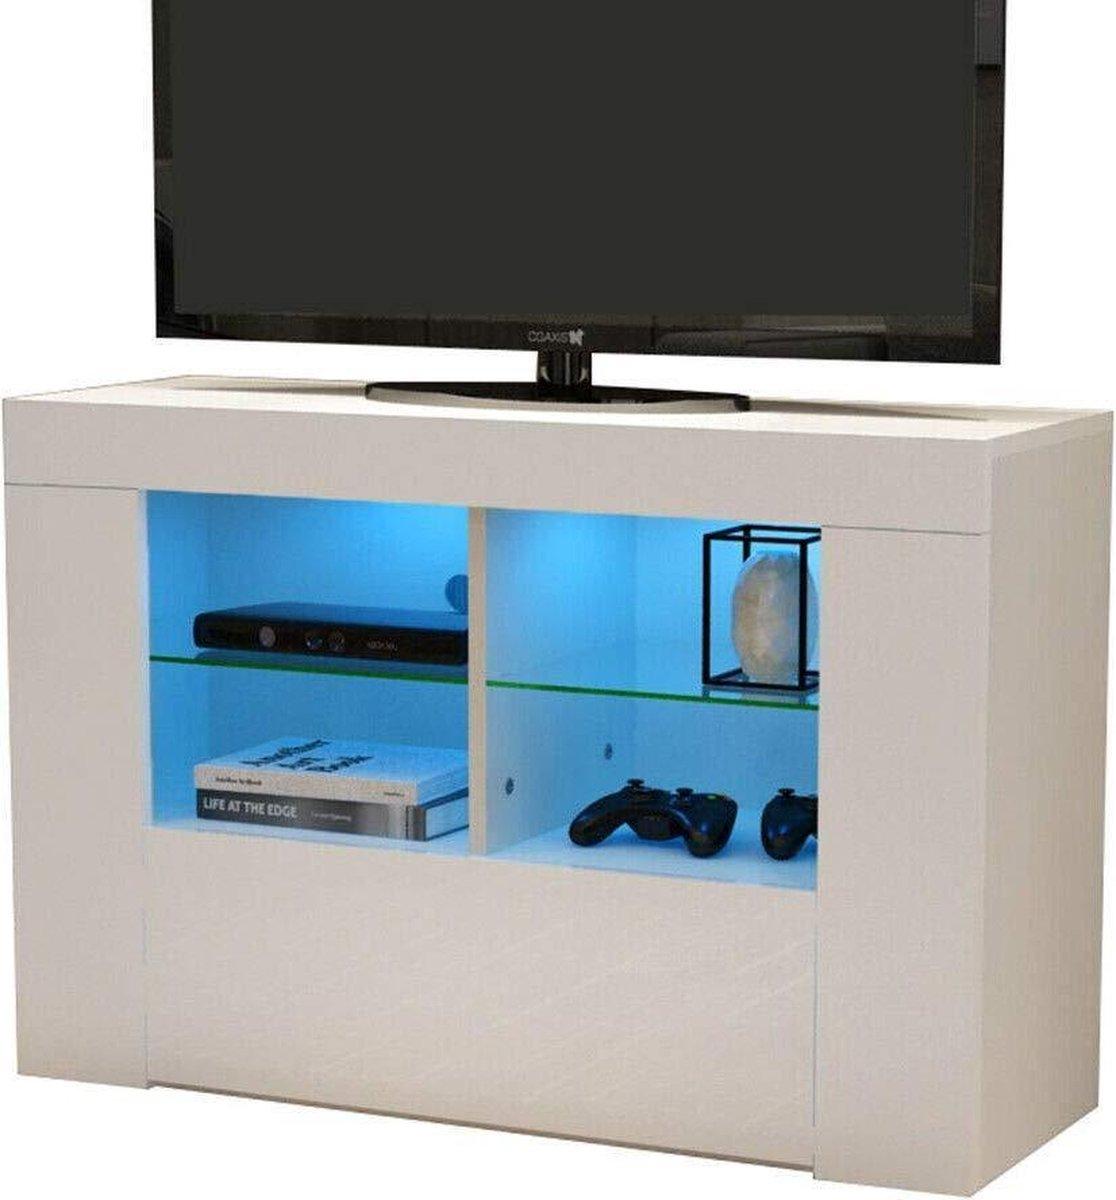 Verrassend bol.com | TV meubel kast - media meubel game set up - led TI-52